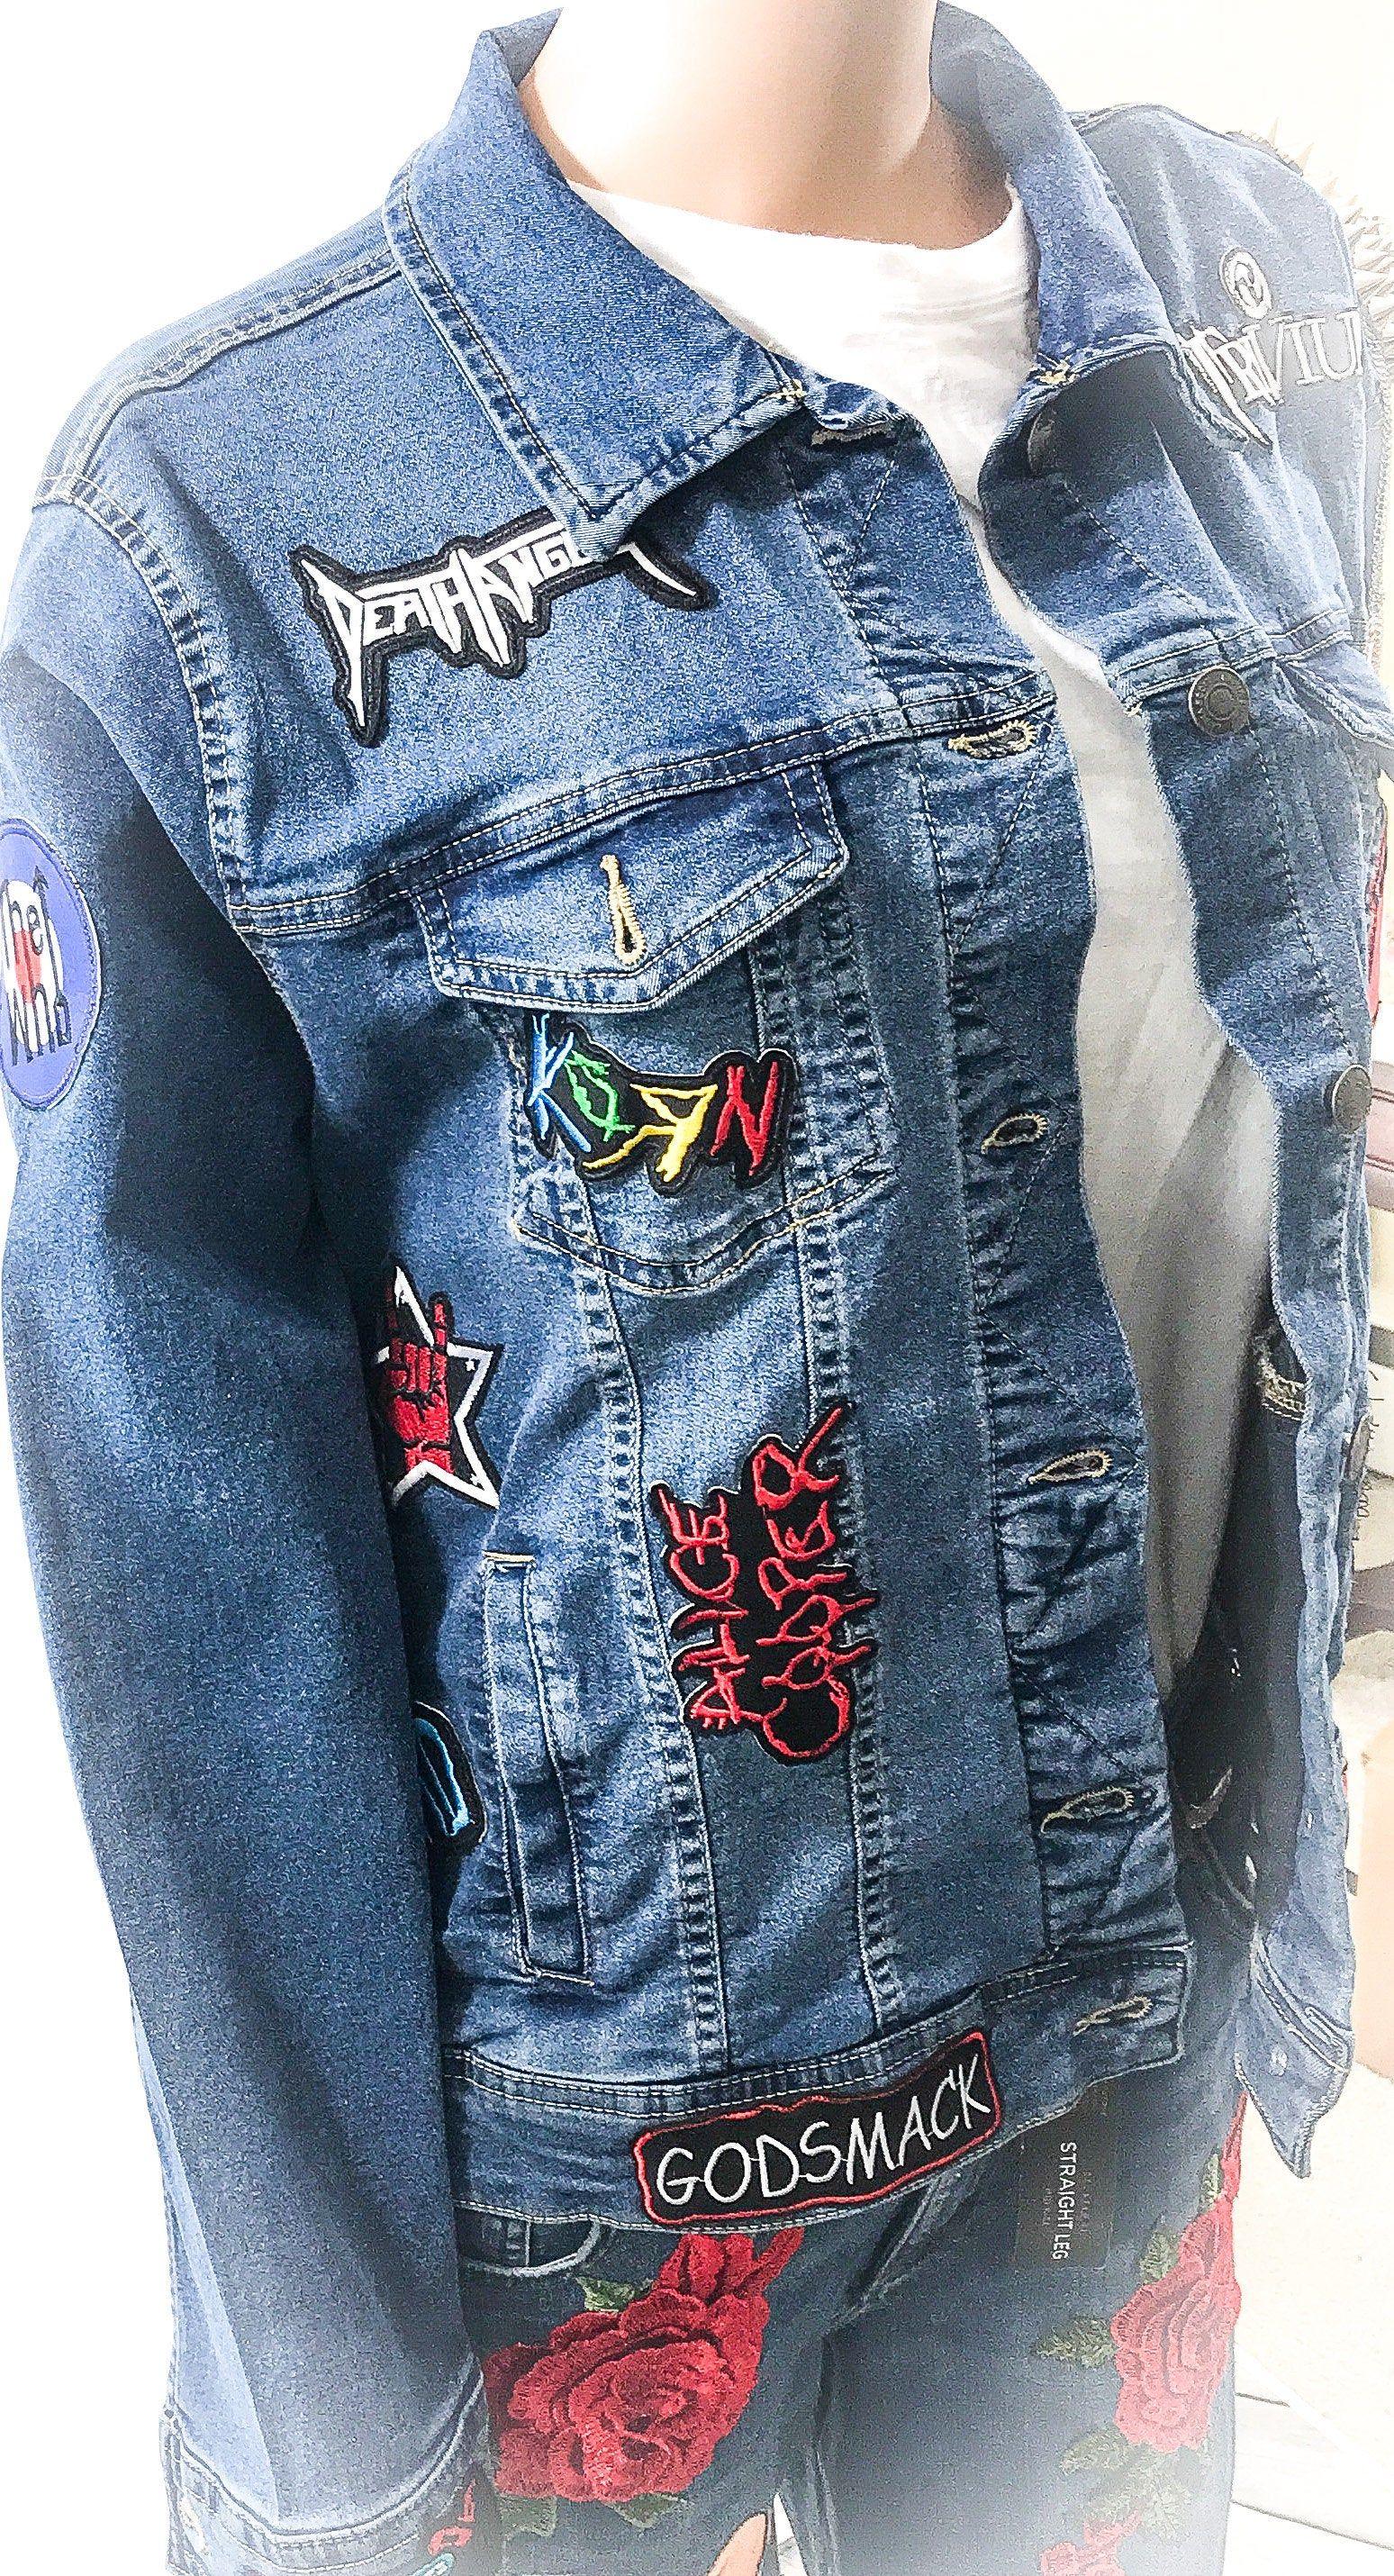 Custom Denim Jacket One of a Kind Music Gift Personalised Band Jacket Unique Kids Clothing Upcycled Jean Jacket Customized Gift